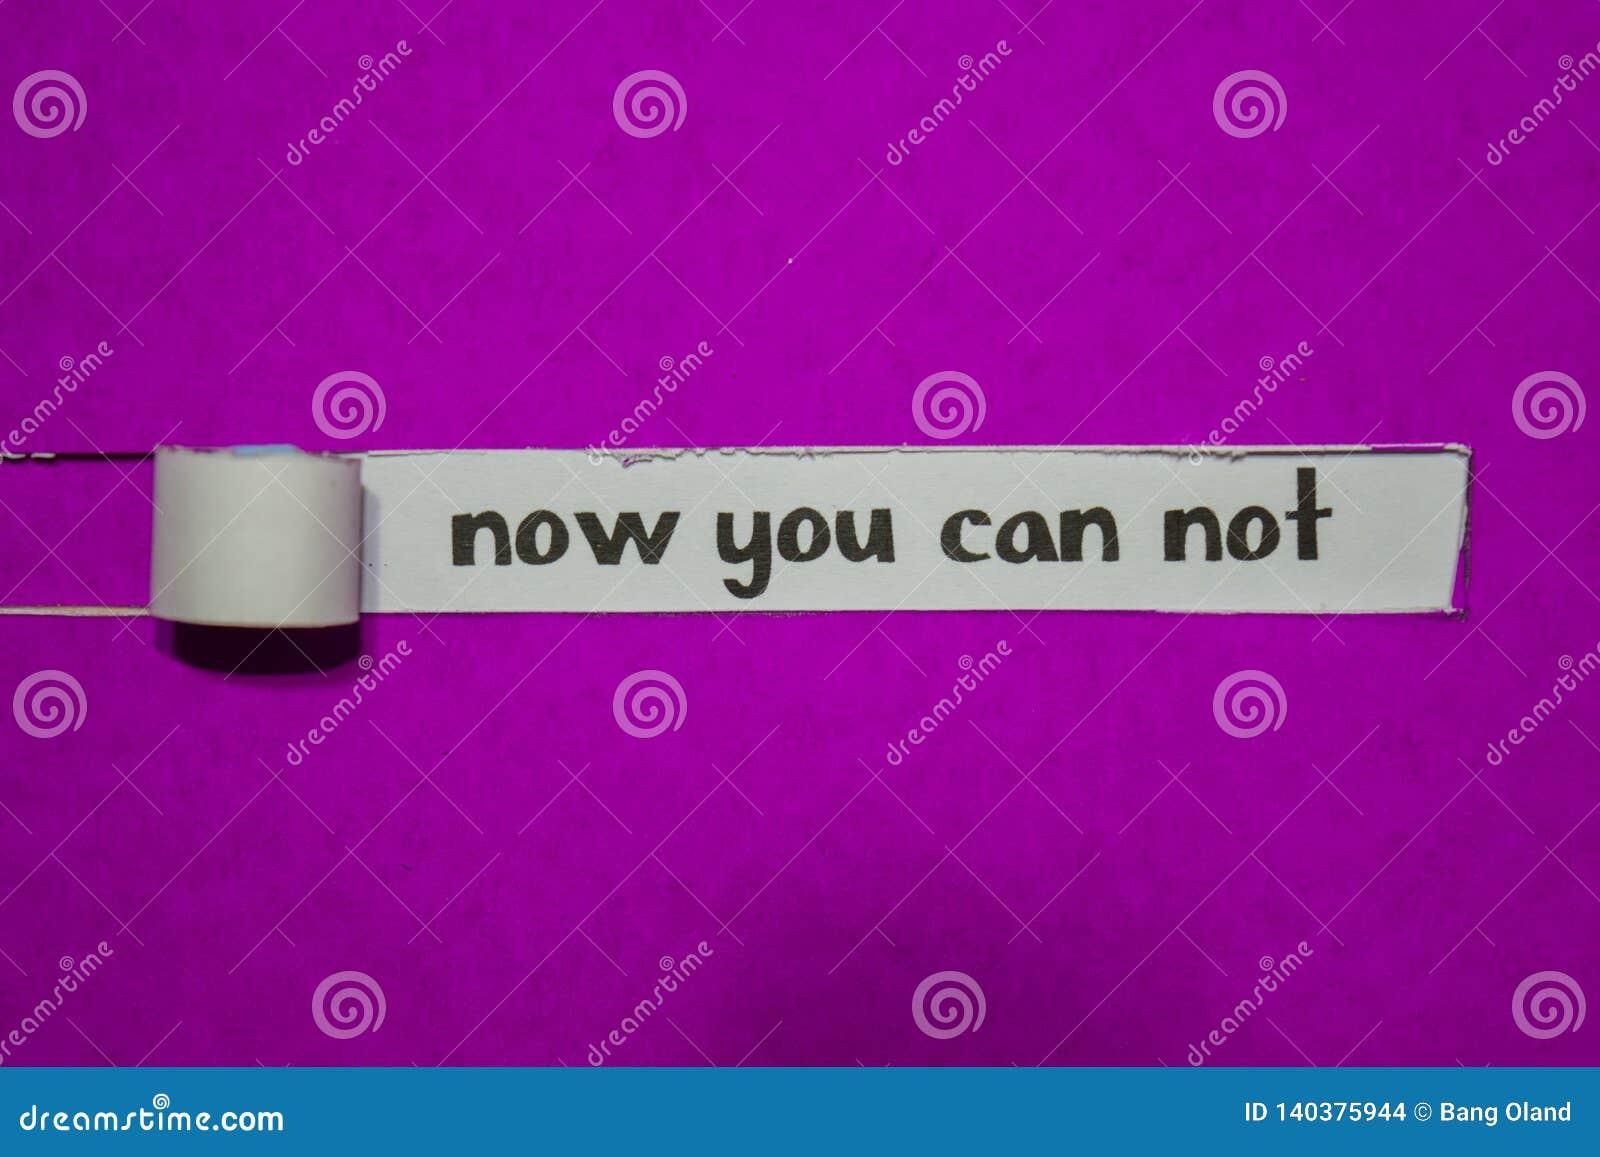 Nu kunt u niet, Inspiratie, Motivatie en bedrijfsconcept op purper gescheurd document